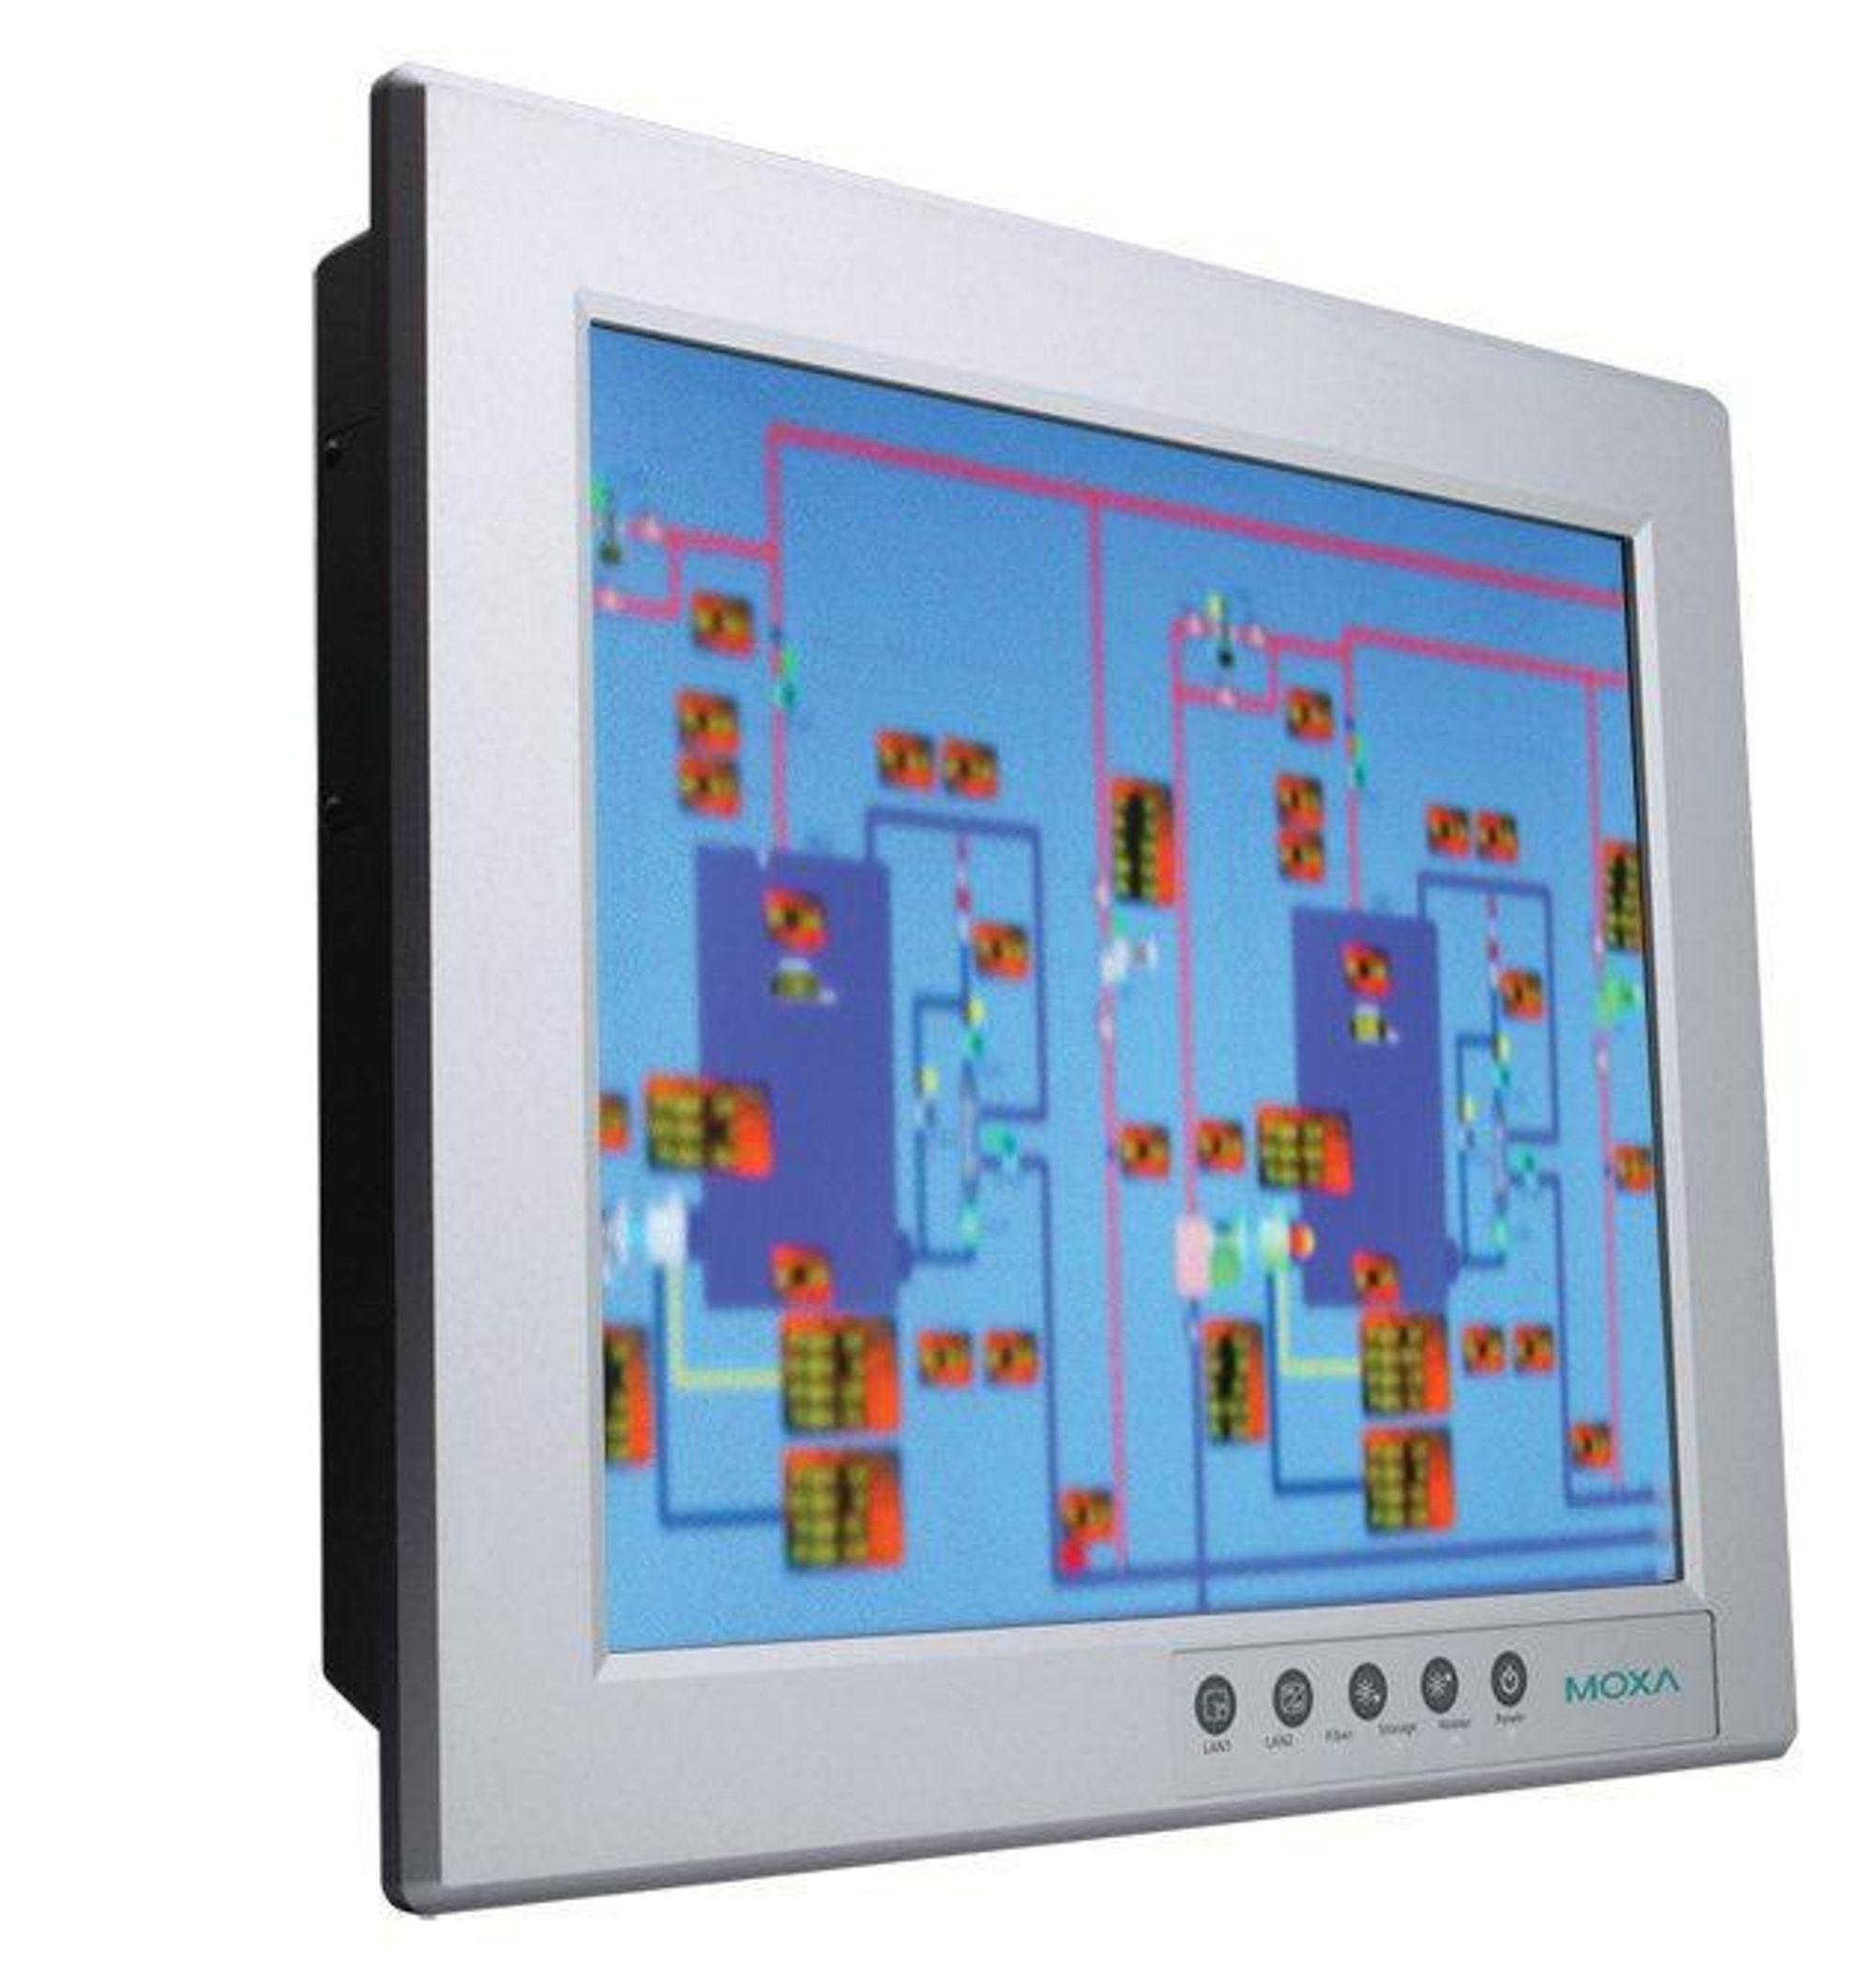 Vifteløs 19-tommers panel-PC for Atex sone 2 og beskyttelsesgrad IP66.